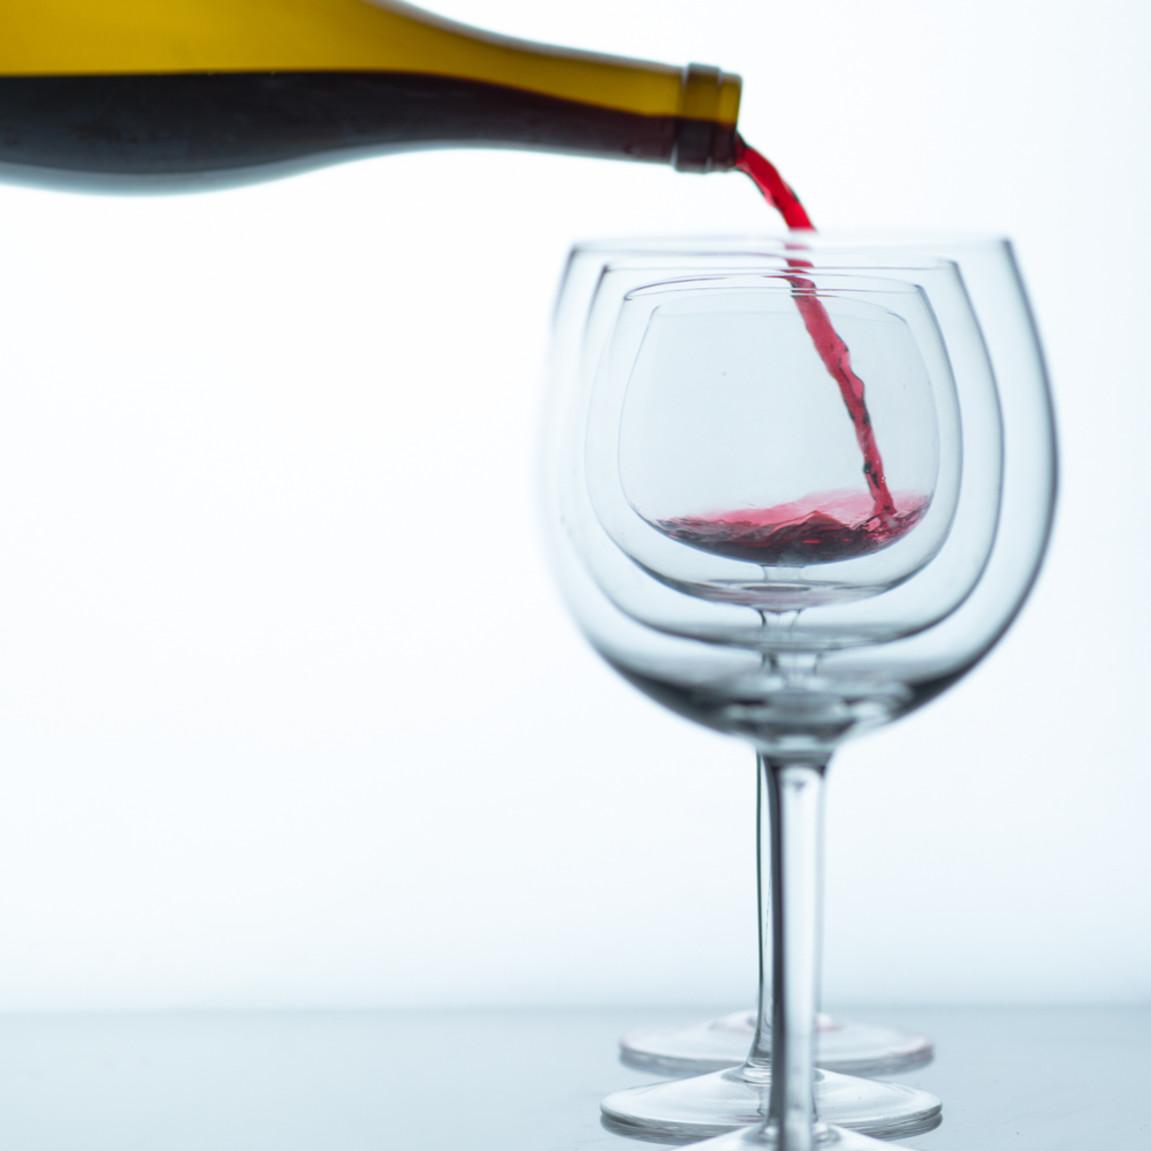 Pour for four yqri0p